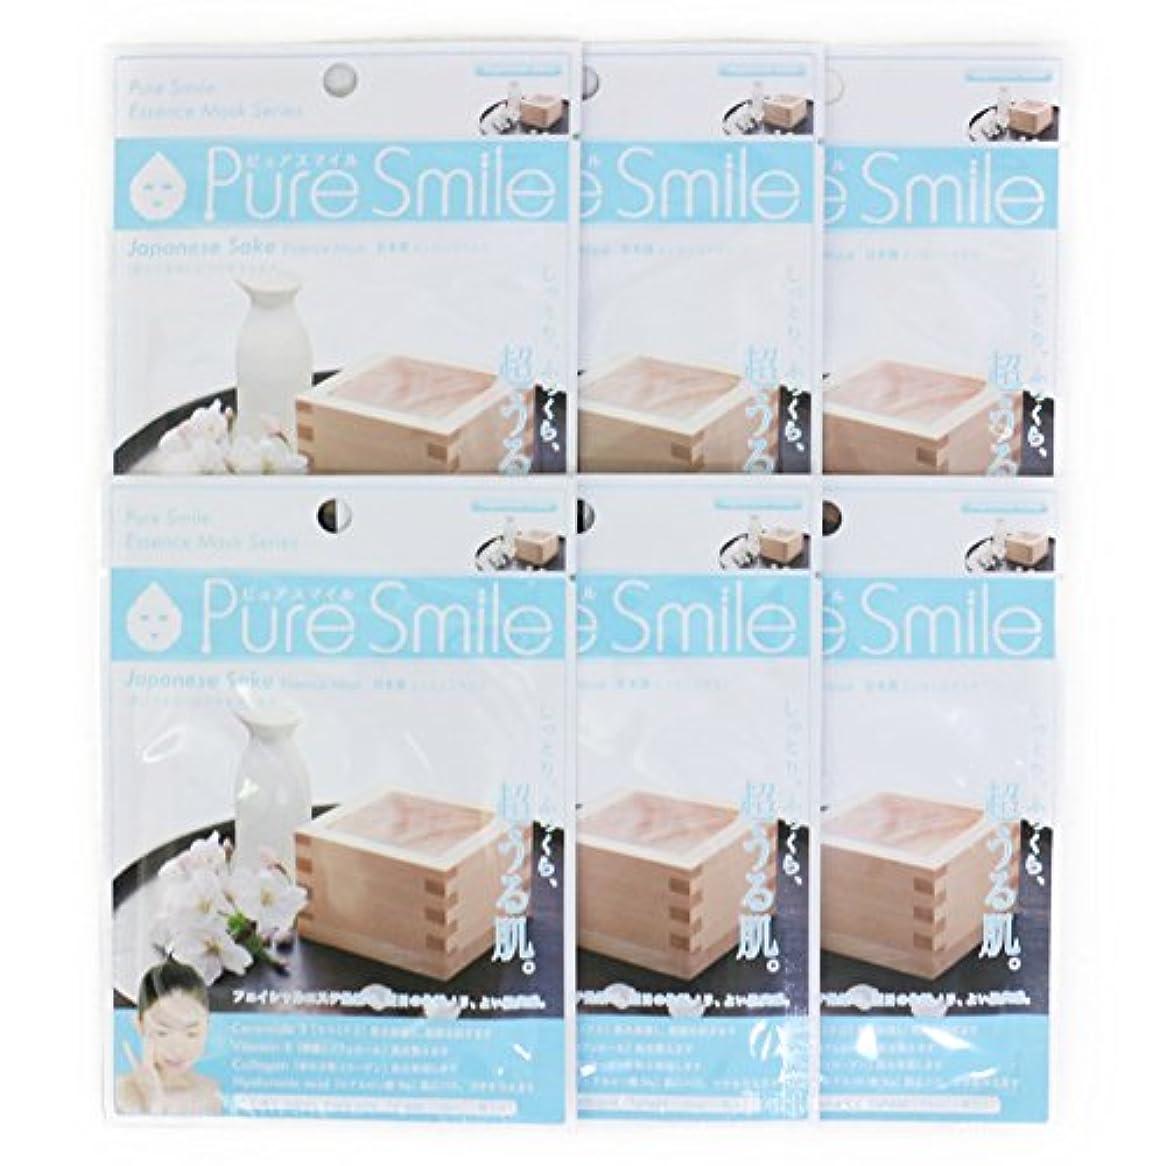 アーカイブ隙間分解するPure Smile ピュアスマイル エッセンスマスク 日本酒 6枚セット